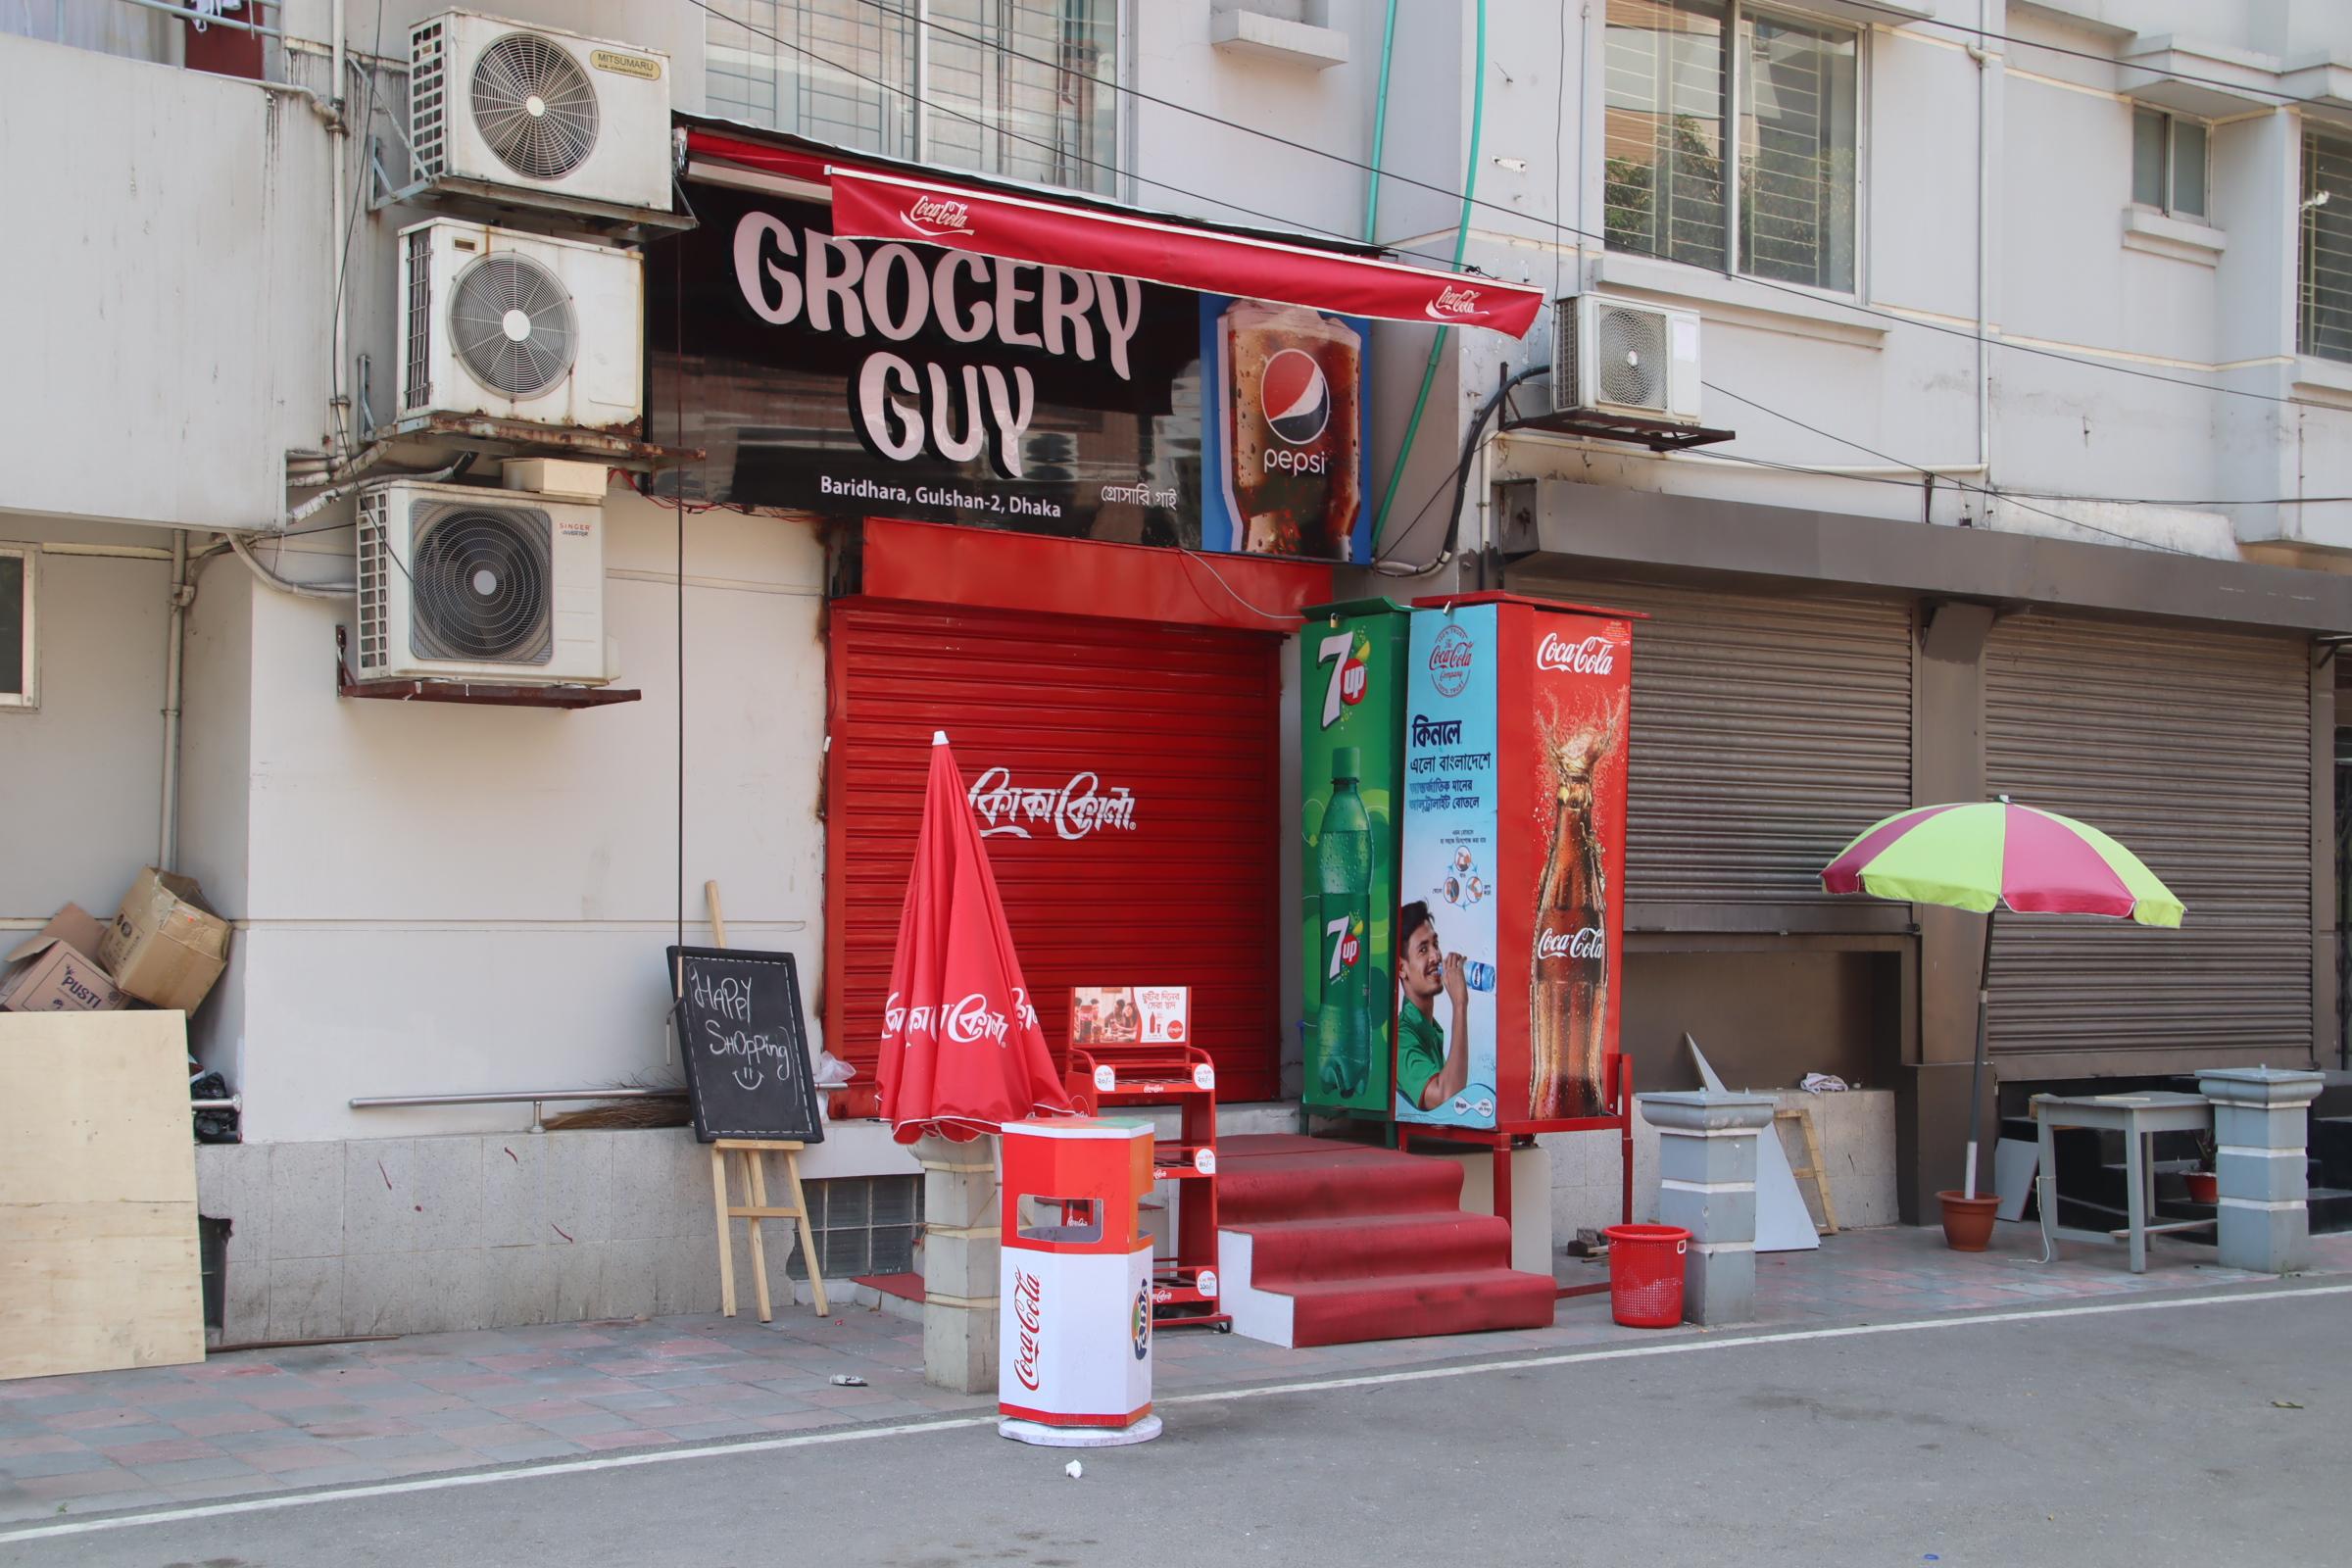 「バリダラに新店!!」GROCERY GUY@ダッカ・バリダラ